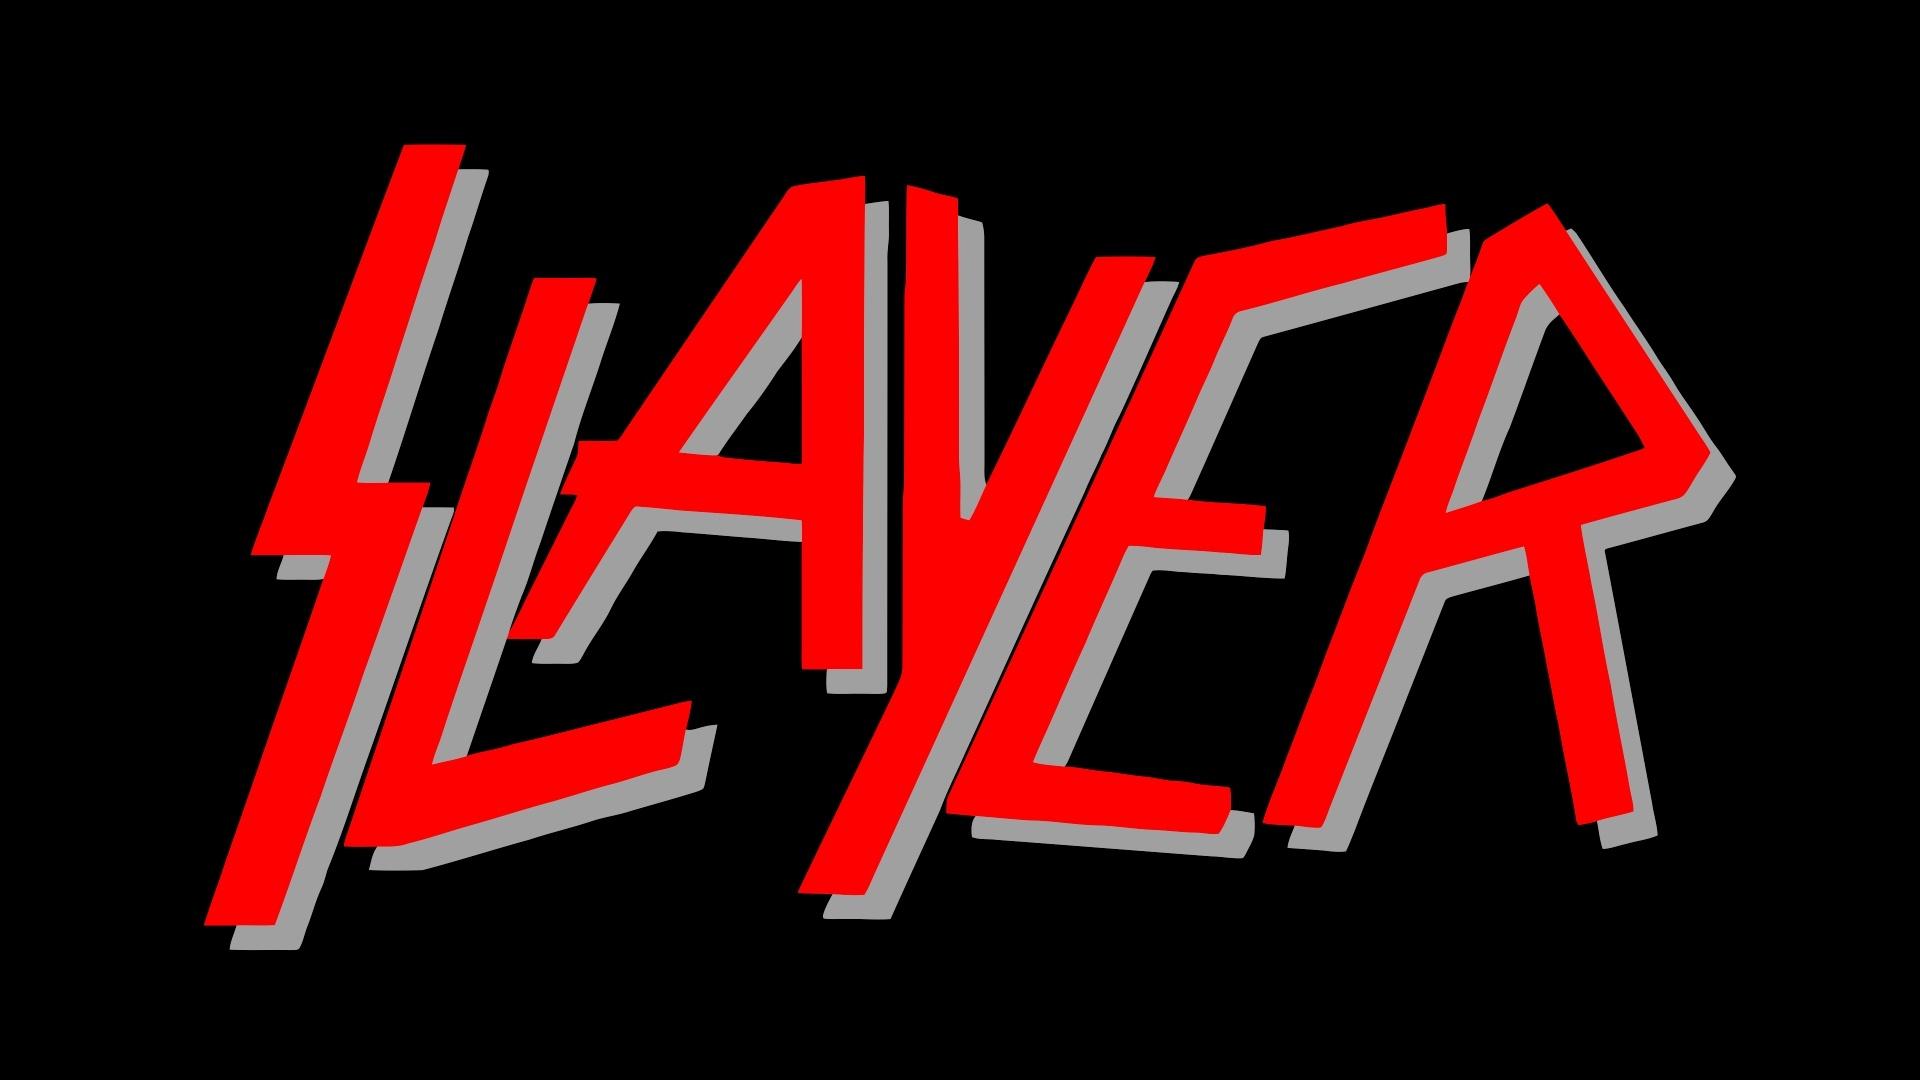 Slayer free background